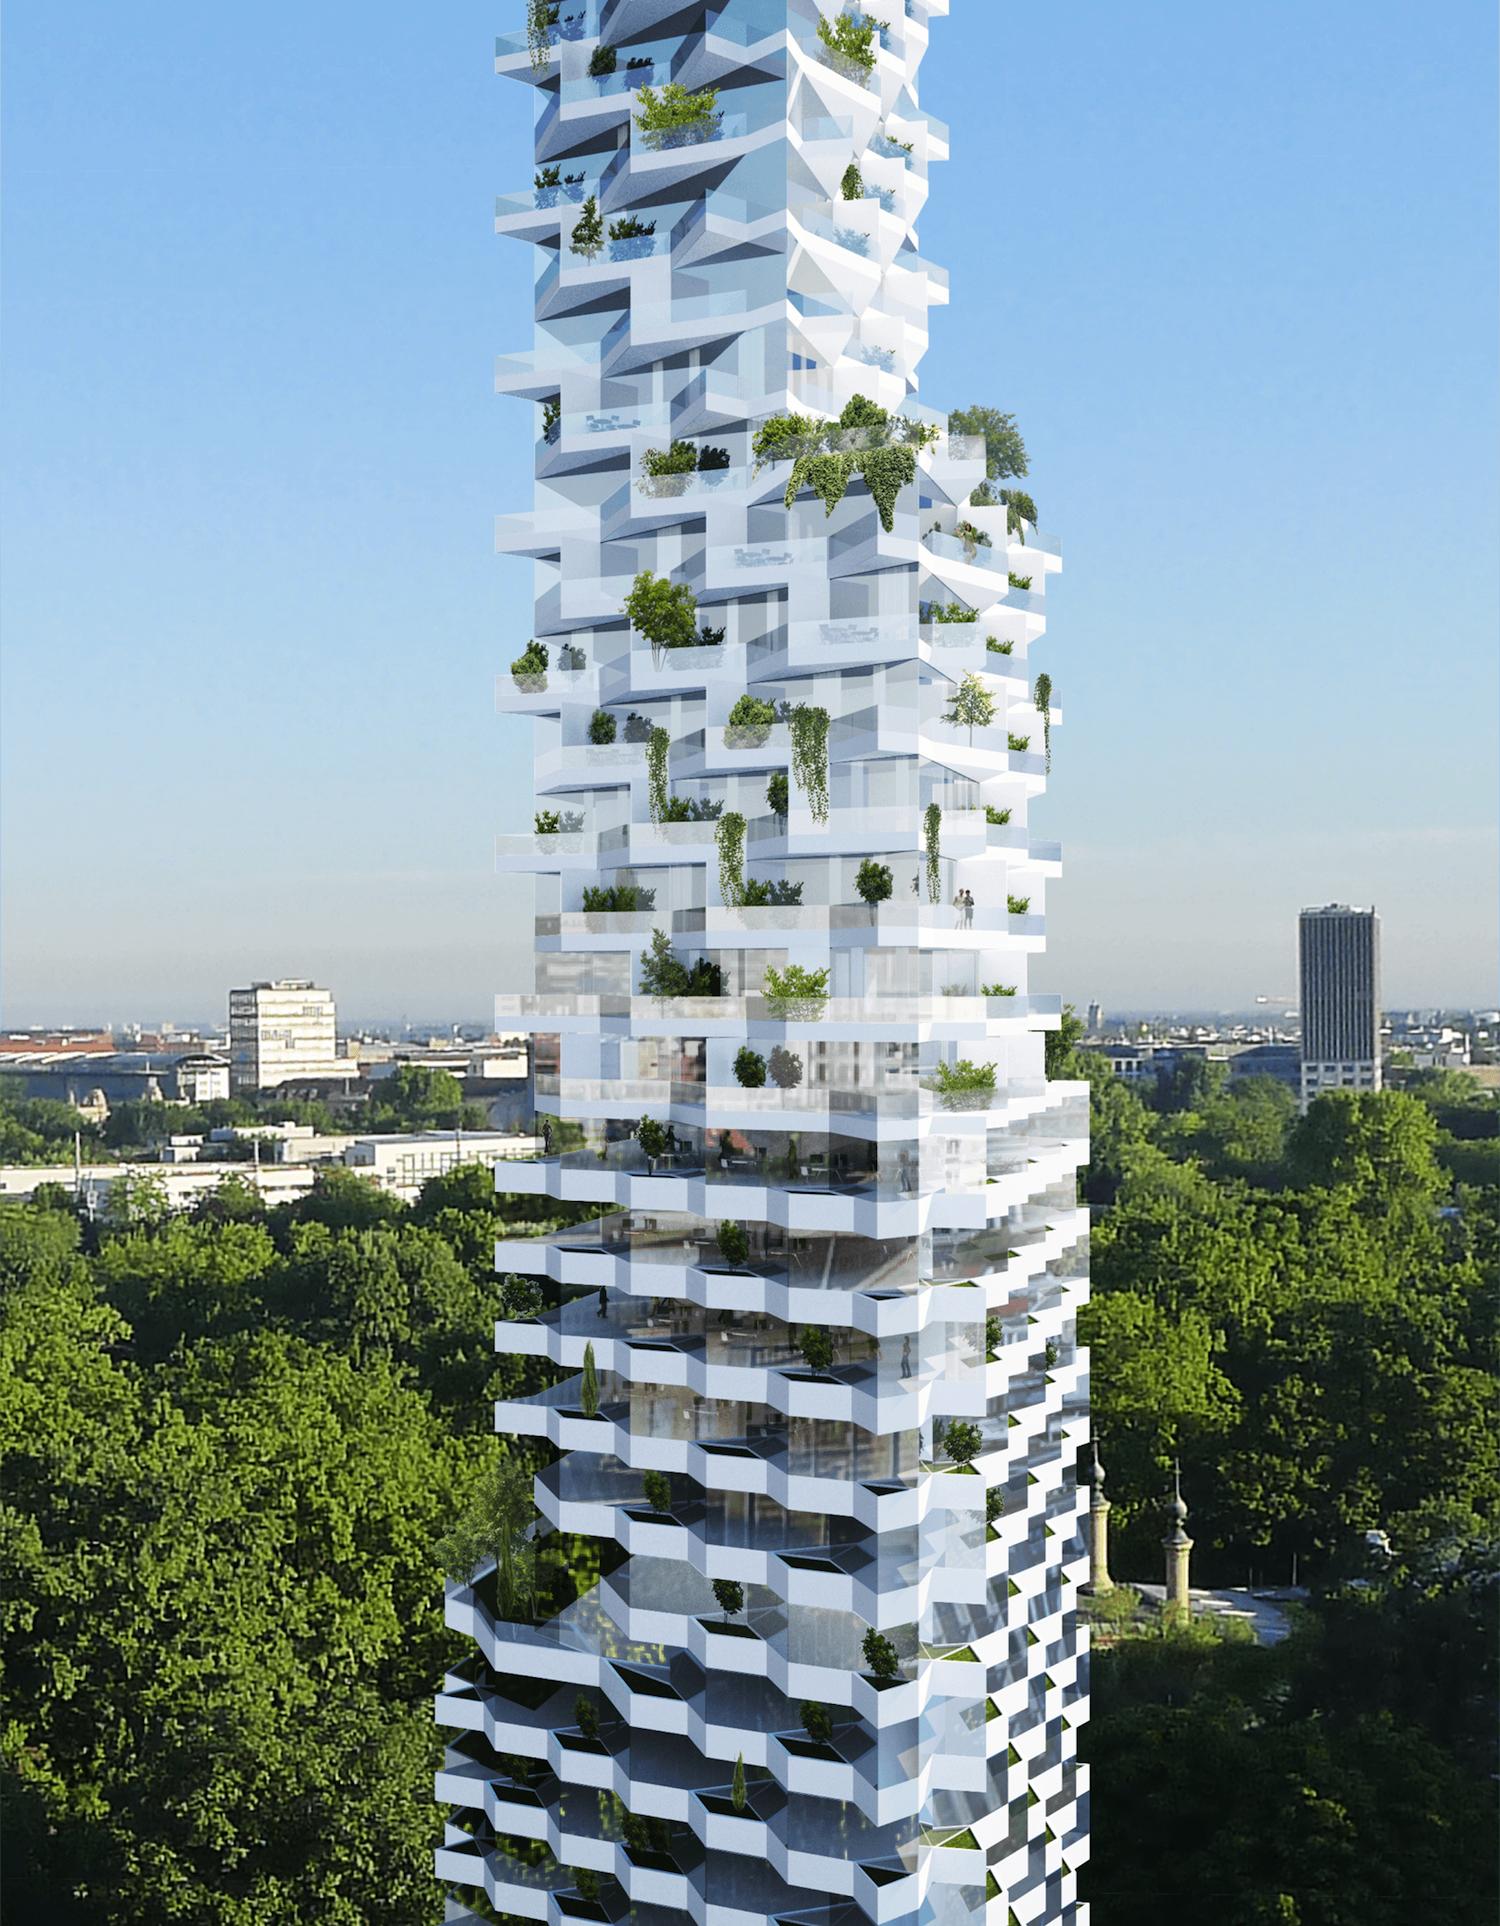 Eine Besonderheit des Hardenbergs sollen die vielen begrünten Terrassen, Loggien und Stadtbalkone sein, die dem Gebäude die Erscheinung eines vertikalen Gartens geben.